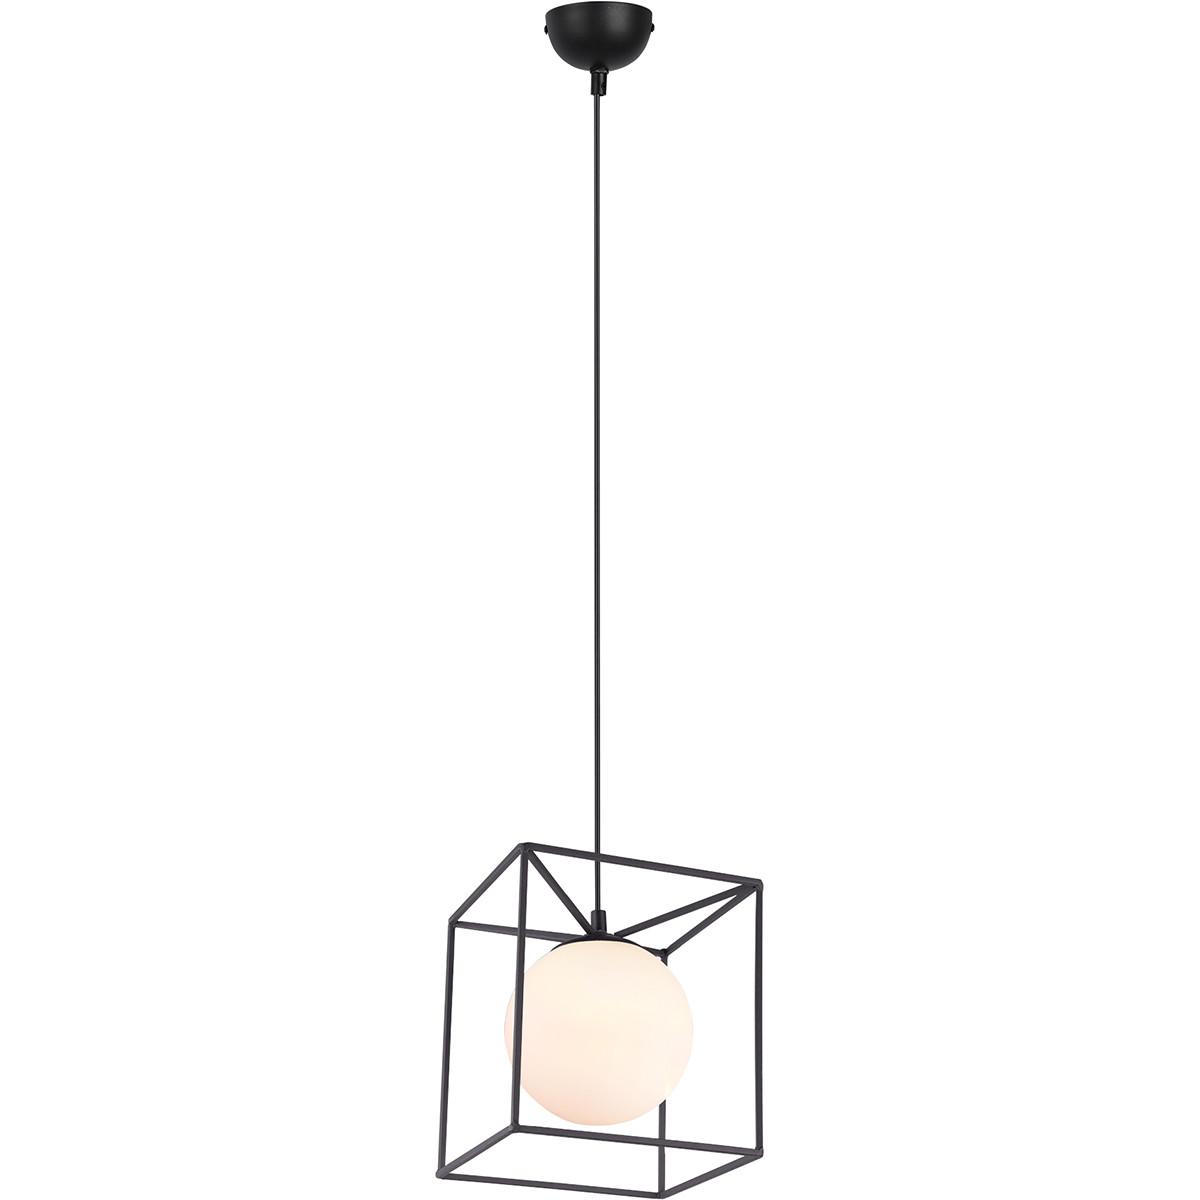 LED Hanglamp - Hangverlichting - Trion Gebia - E27 Fitting - 1-lichts - Vierkant - Mat Zwart - Alumi